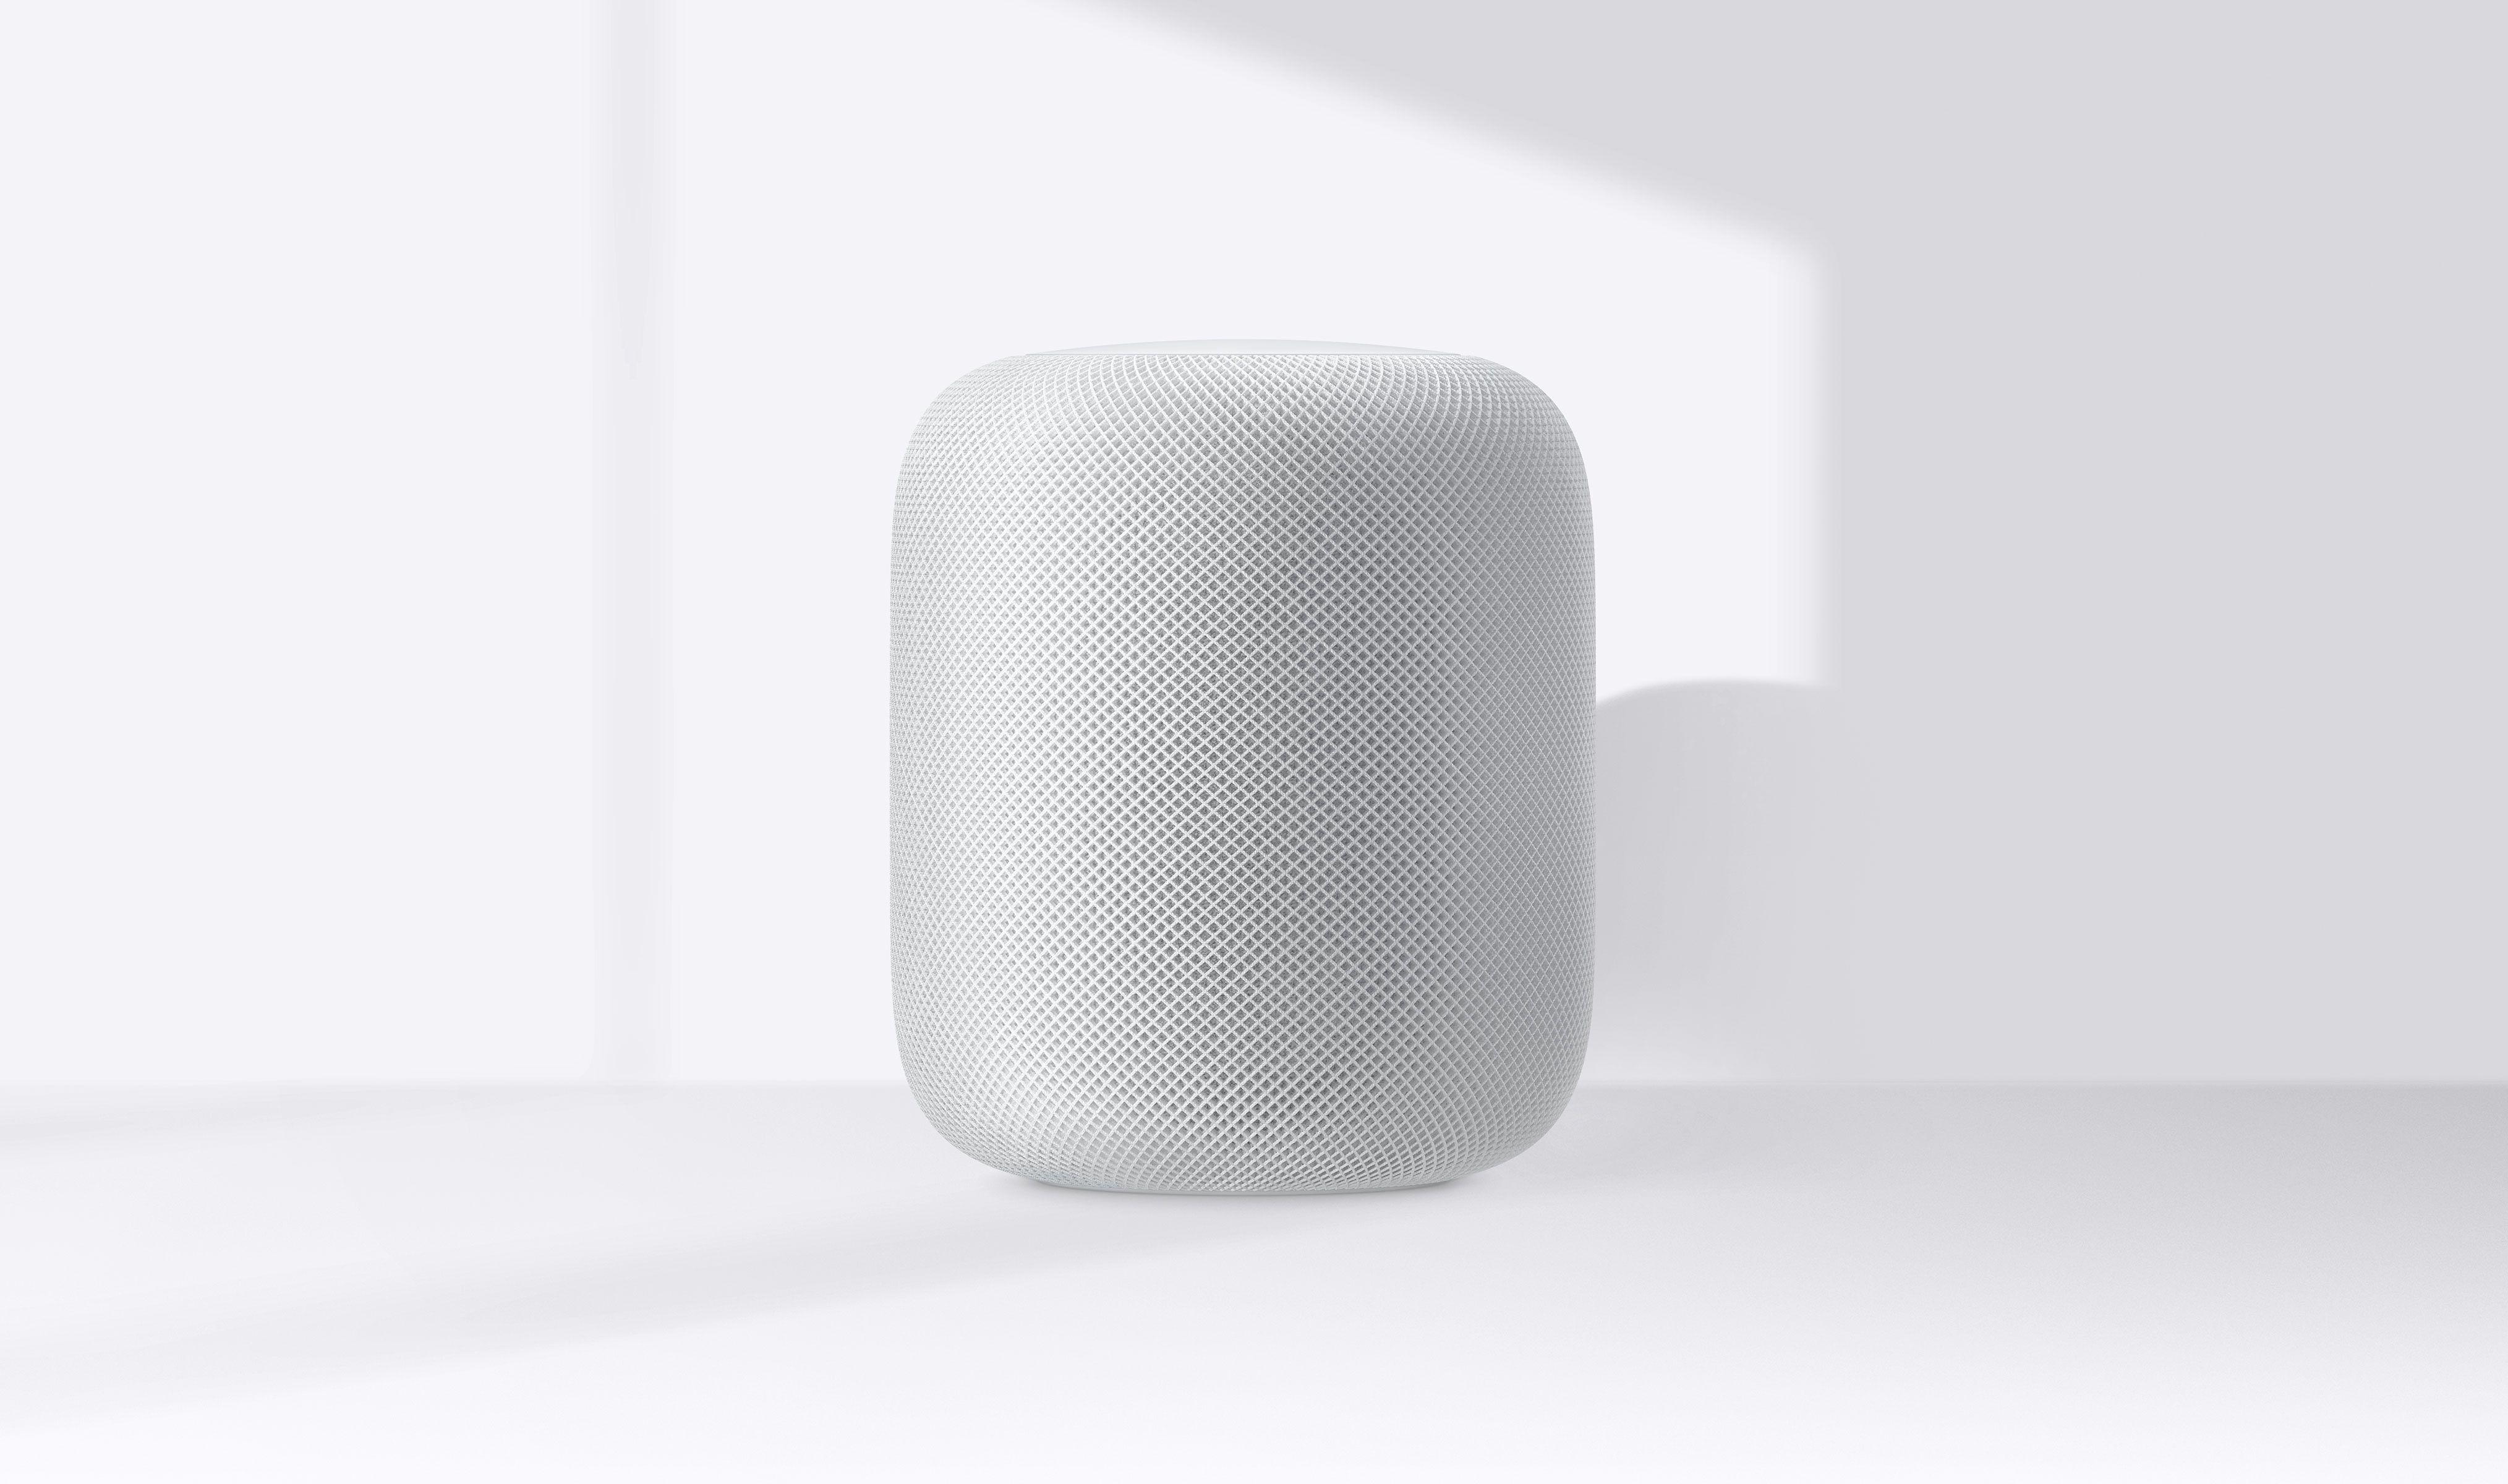 L'avenir du HomePod passera-t-il par son adaptation à l'emplacement de son utilisateur ? 1